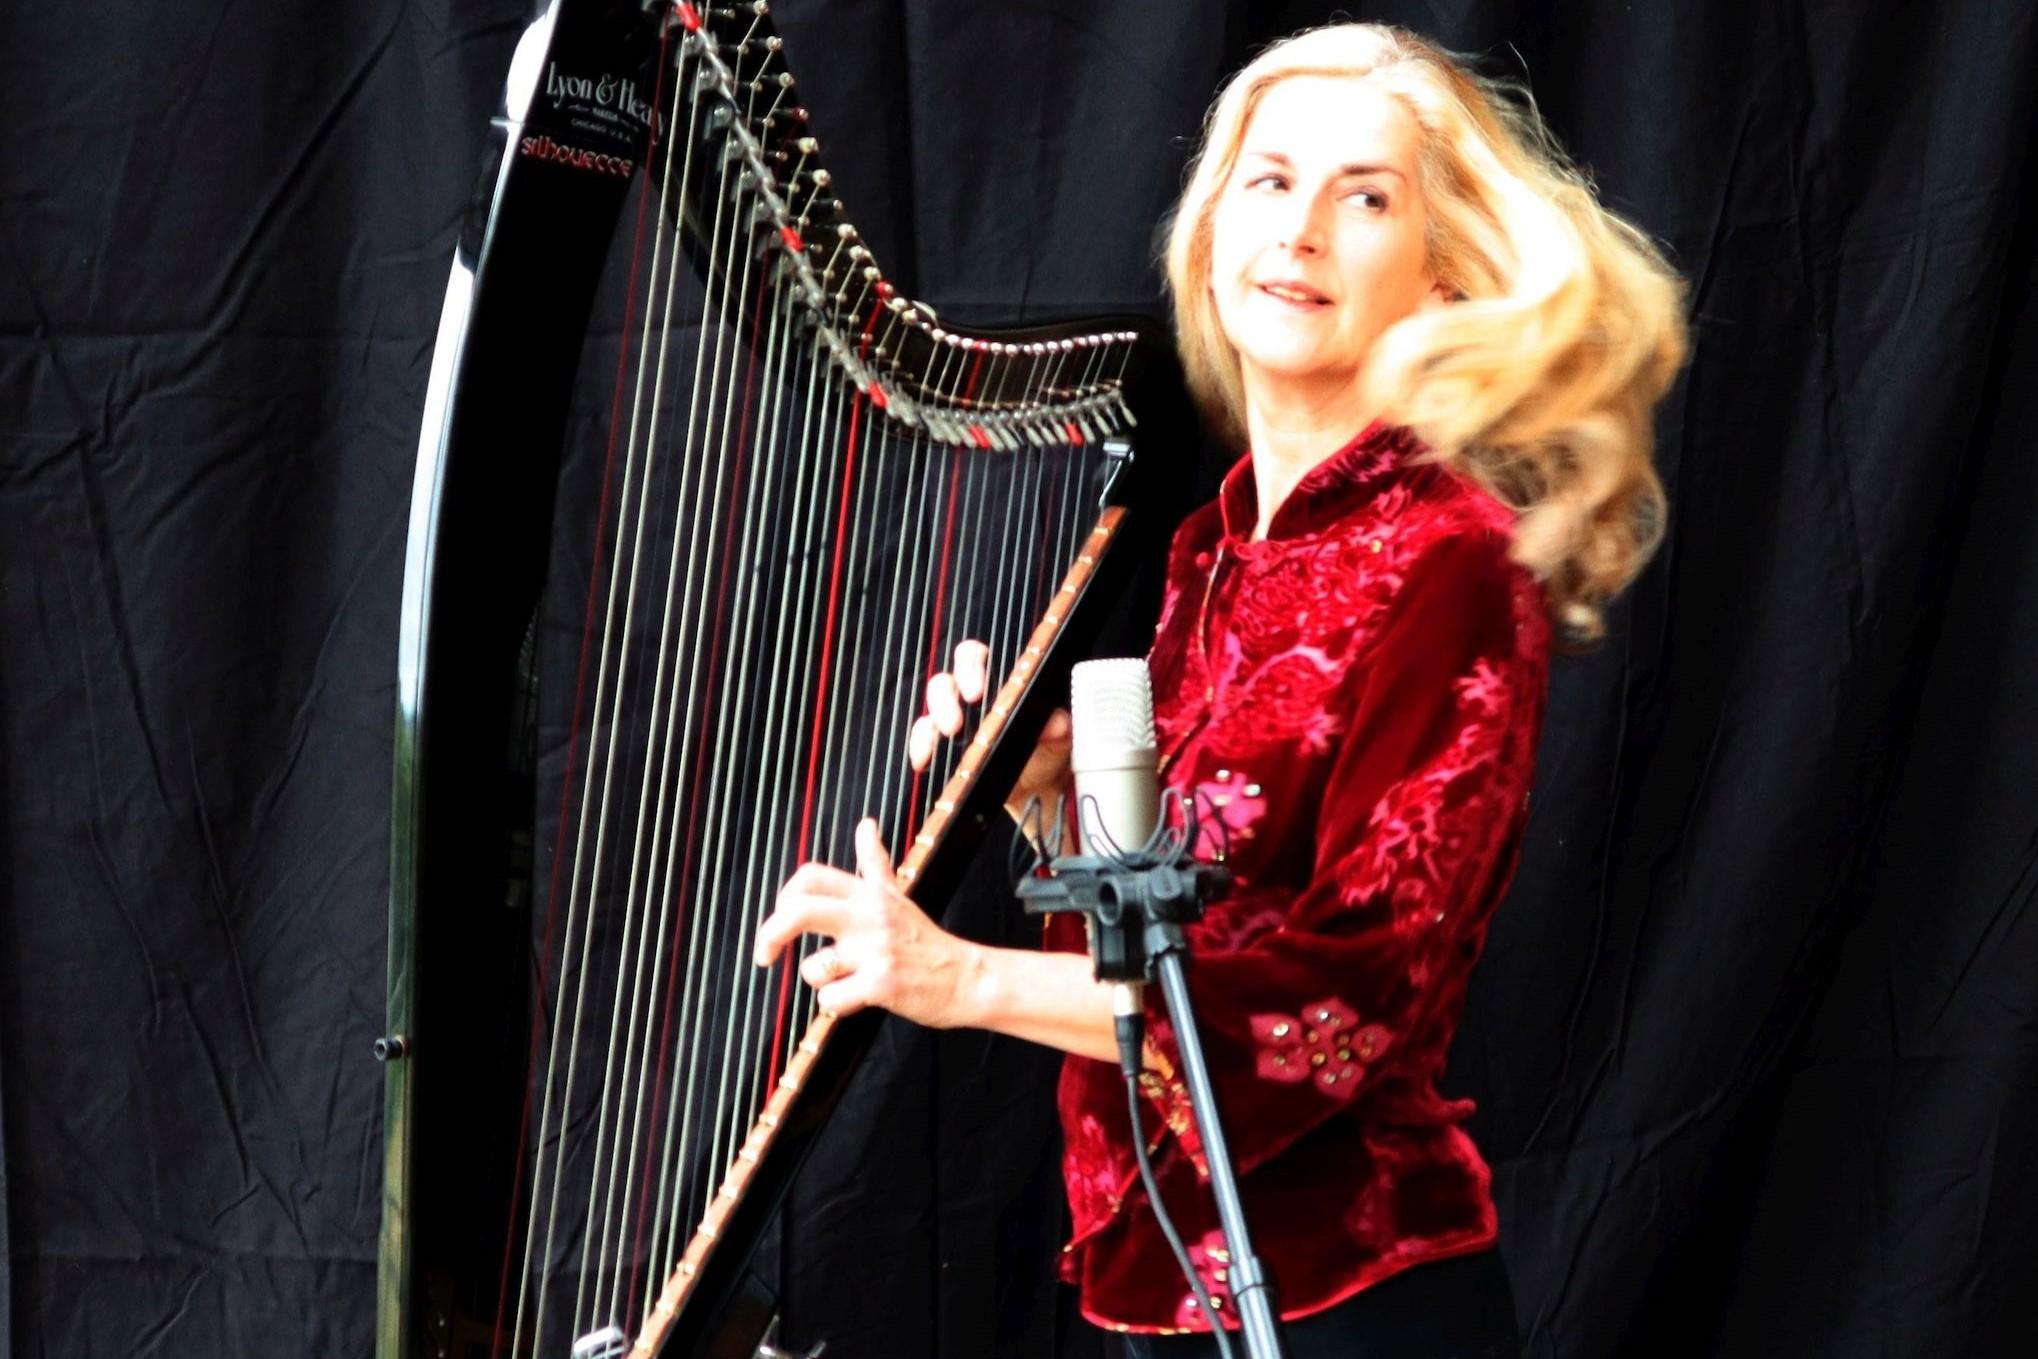 Harp concert with Sarah Deere-Jones